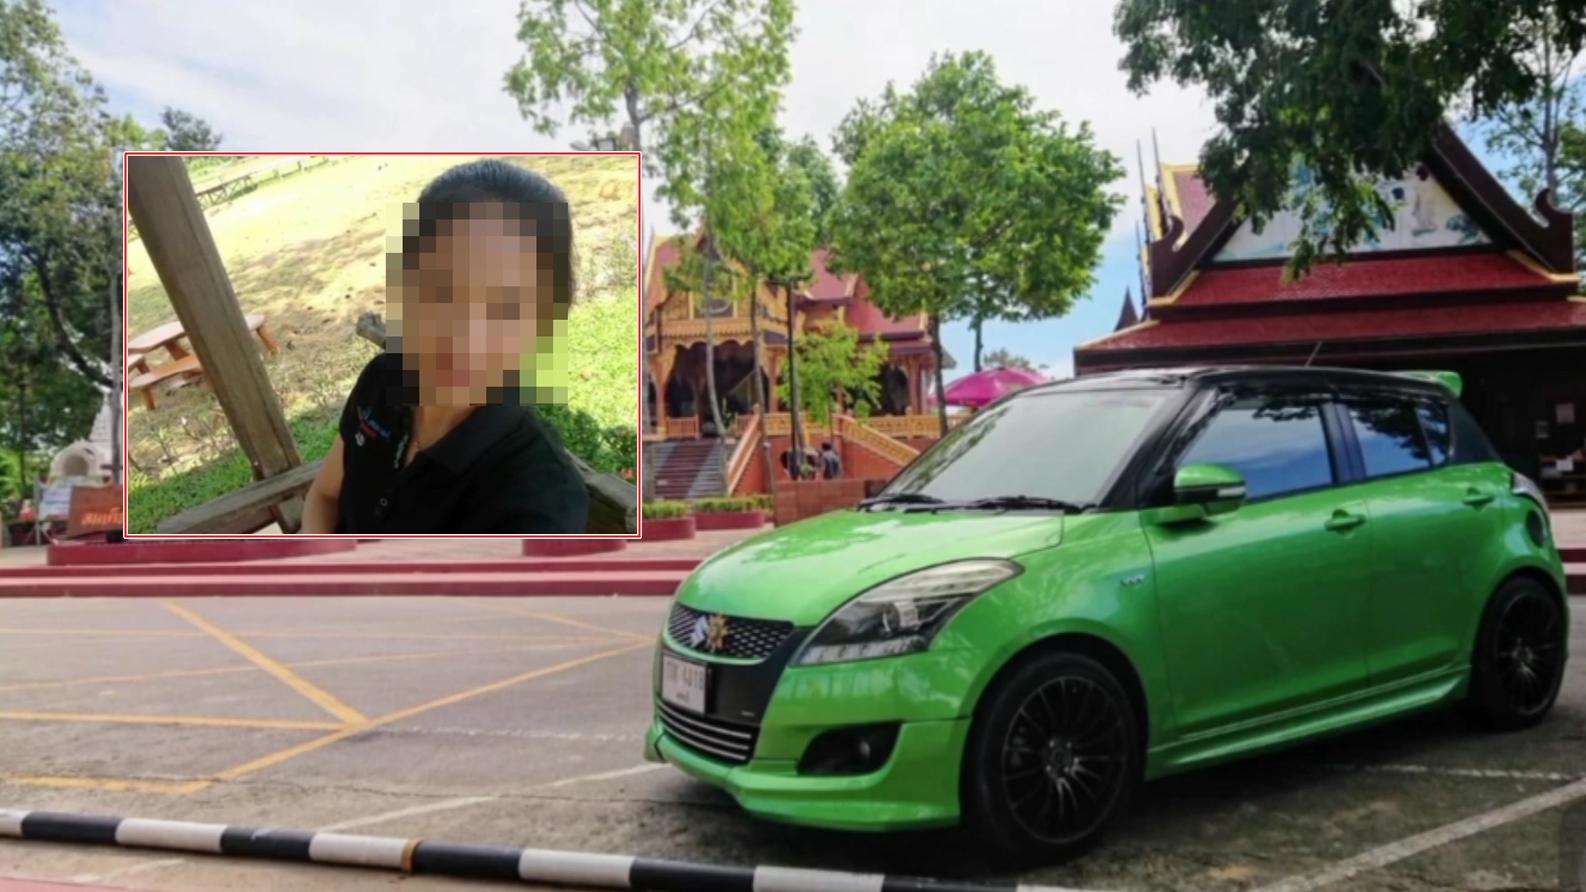 ข่าวภูมิภาค คดีสาวแอน คนหาย ฆาตกรรม สาวหายตัวไป สาวแอน